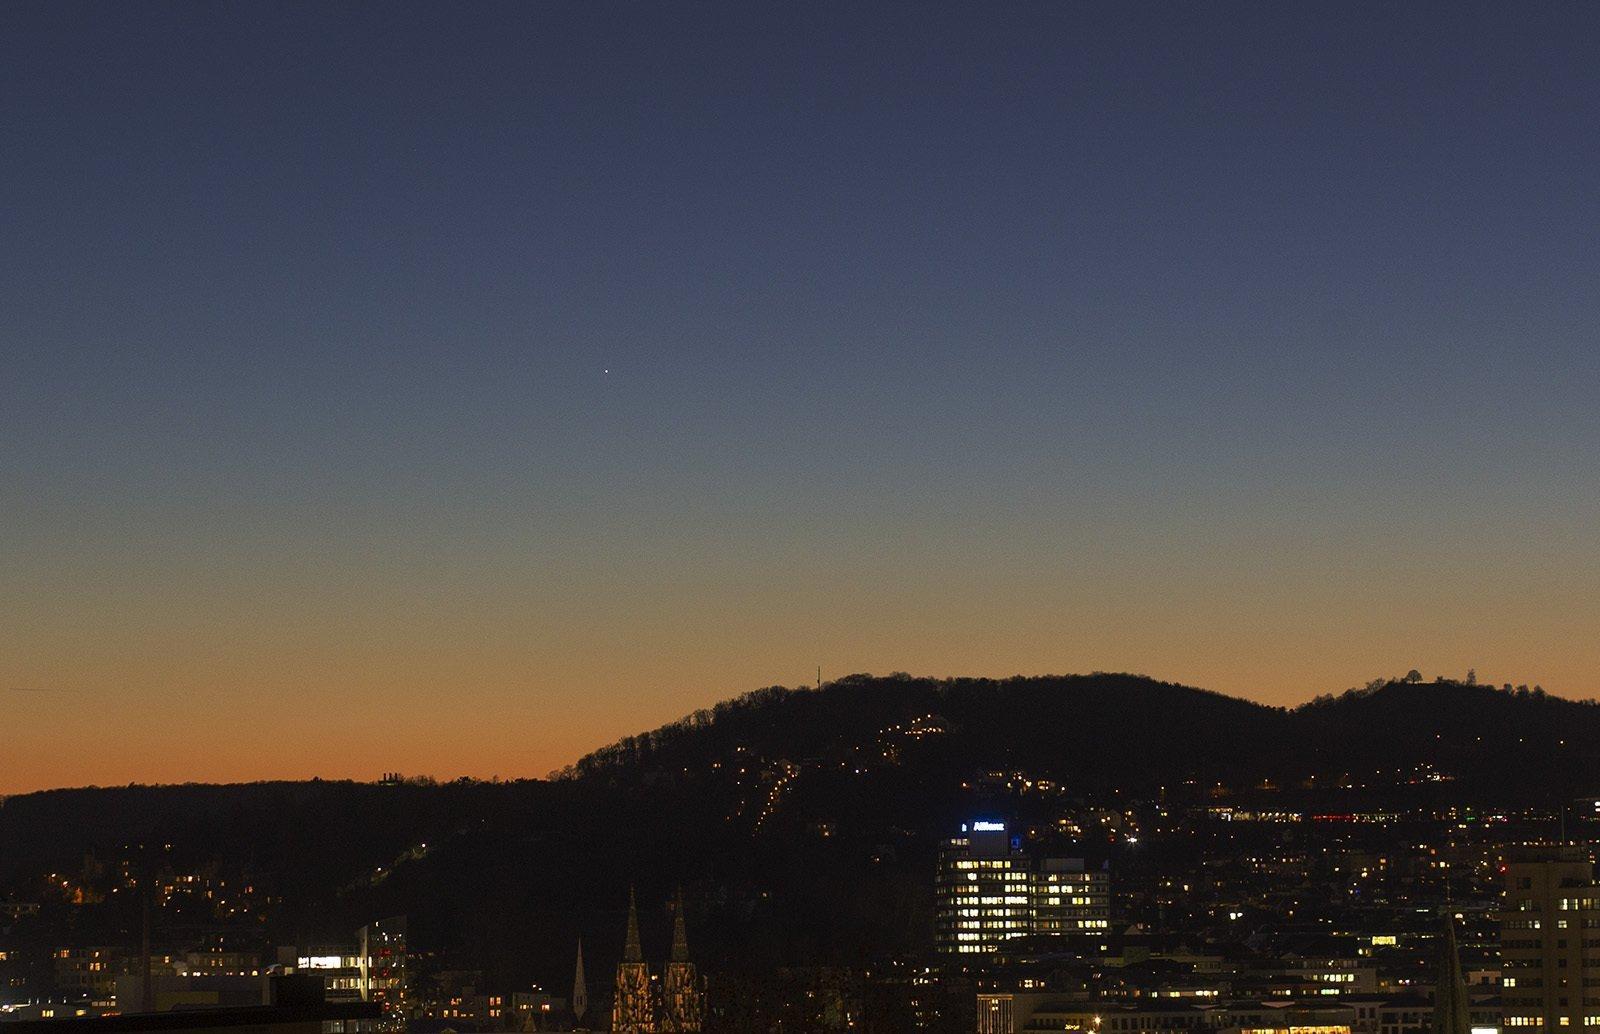 Merkur war am 6. Feburar 2020als schwacher Lichtpunkt in der Abenddämmerung über Stuttgart zu sehen.